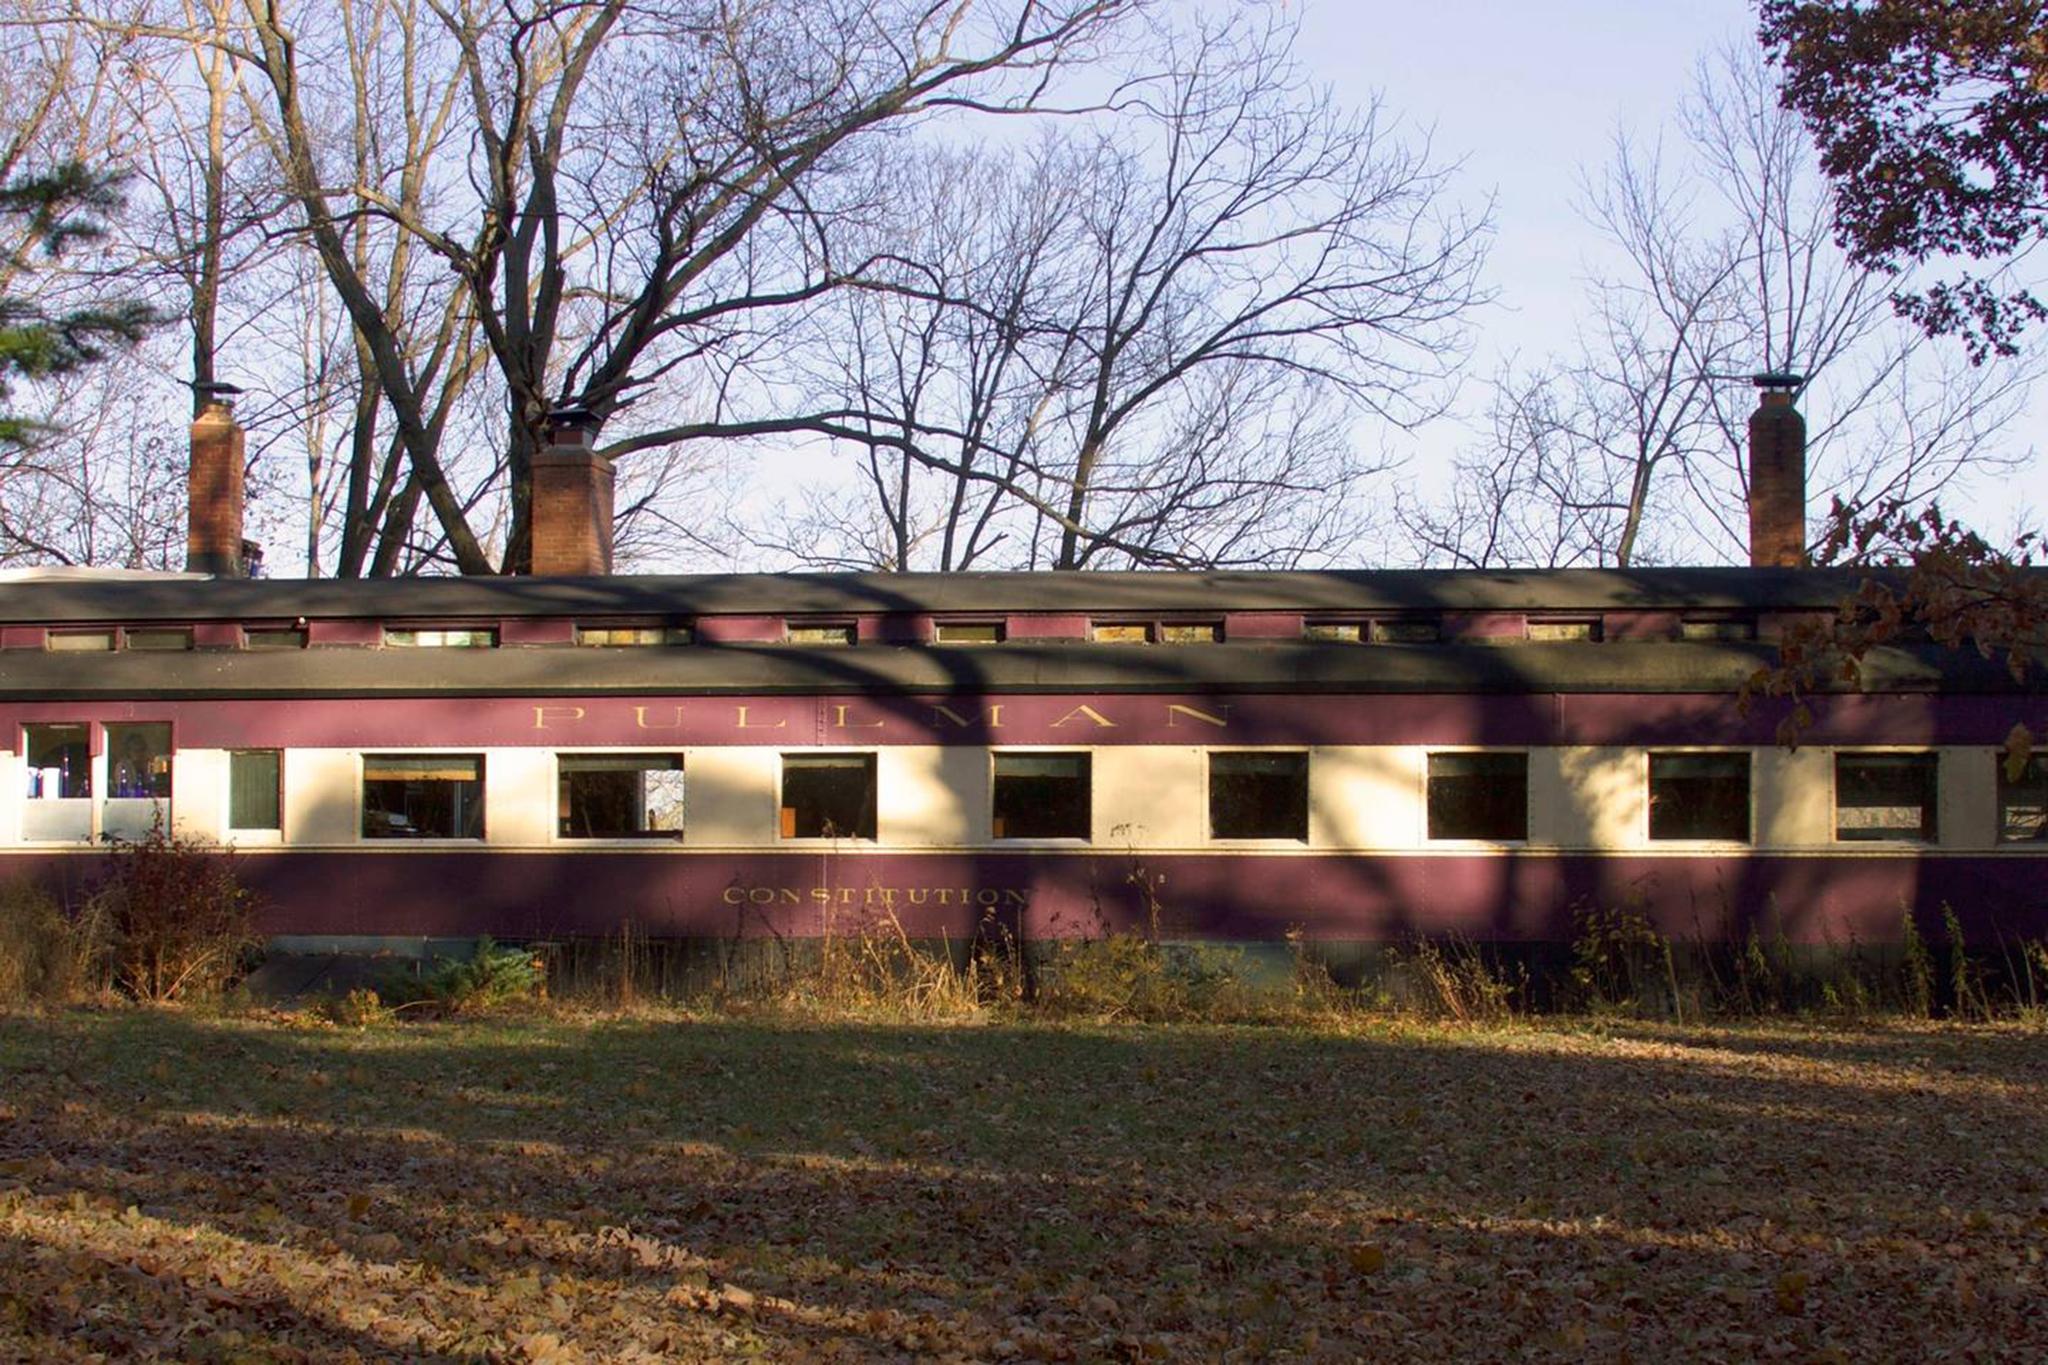 The Pullman Train Car Constitution in Plano, IL